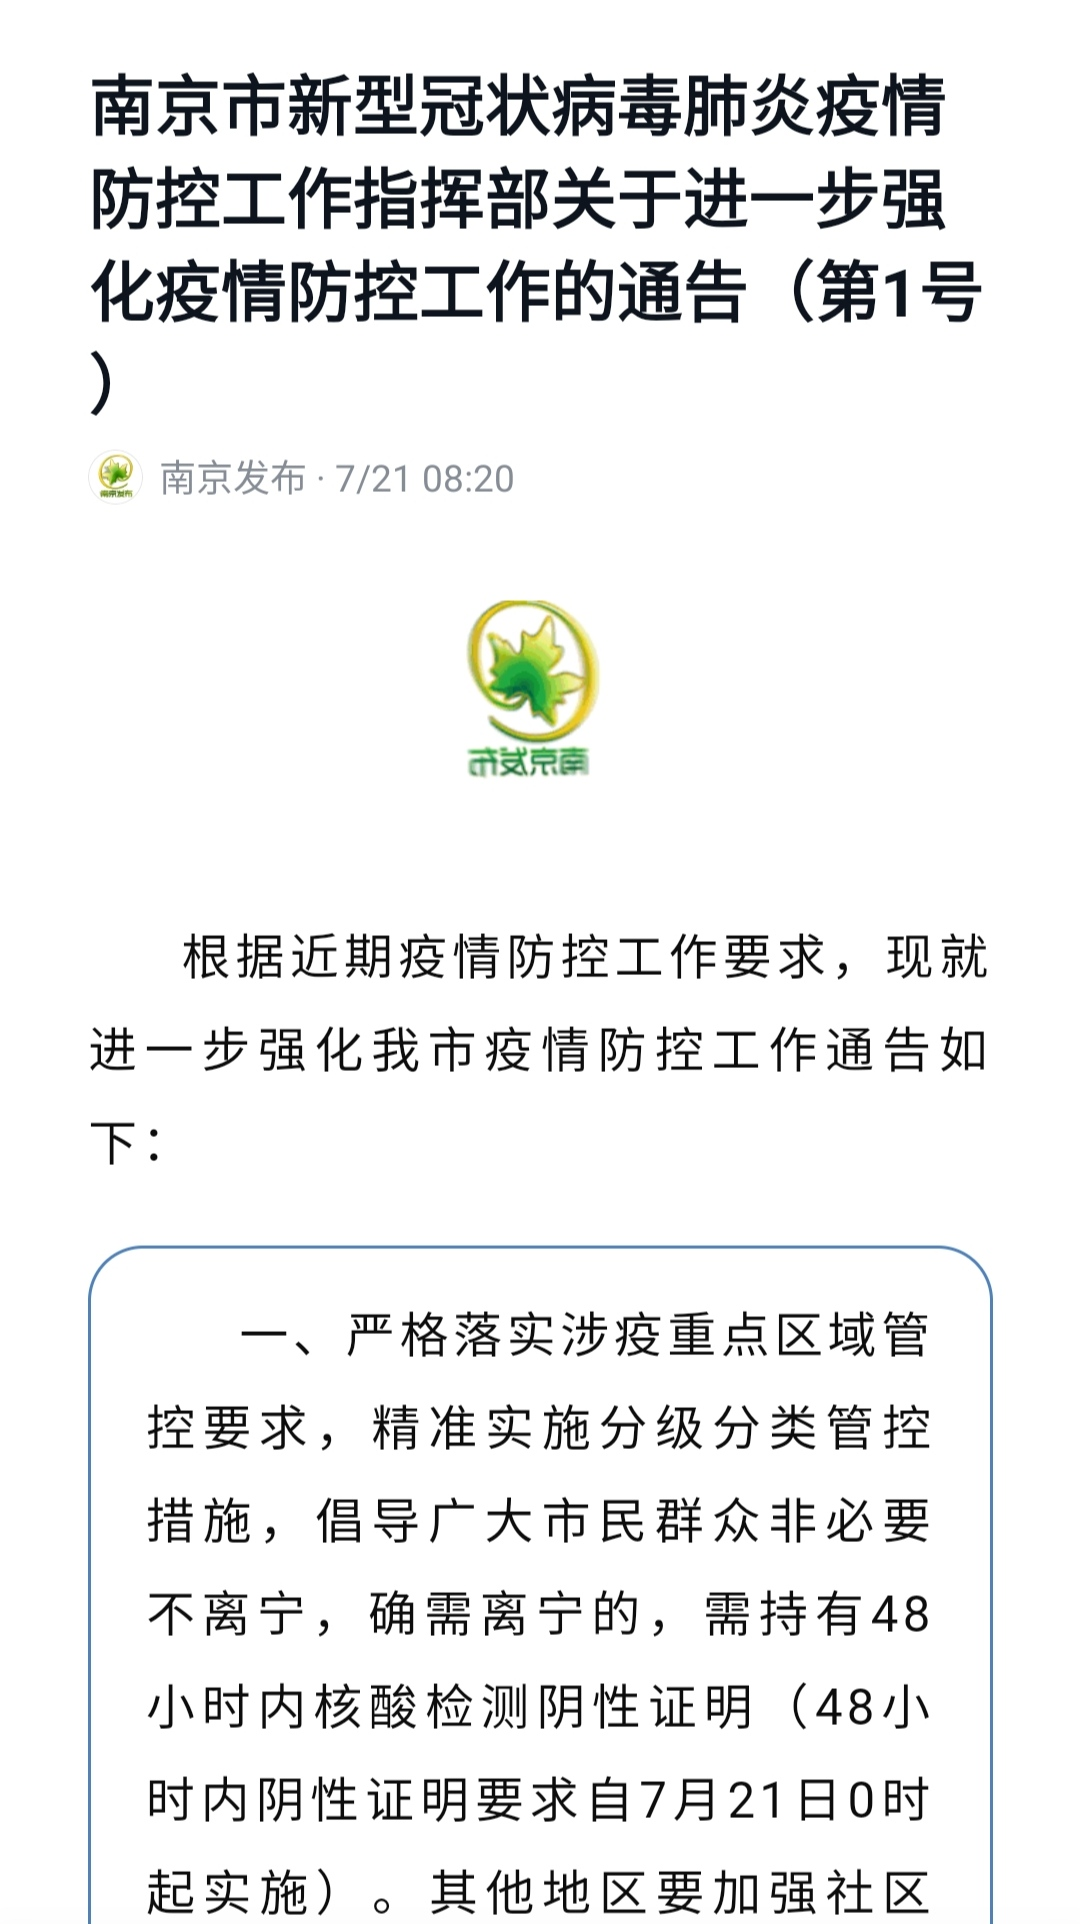 7月21日8时20分,南京市新型冠状病毒肺炎疫情防控工作指挥部关于进一步强化疫情防控工作的通告(第1号)。来源:南京发布微信公众号